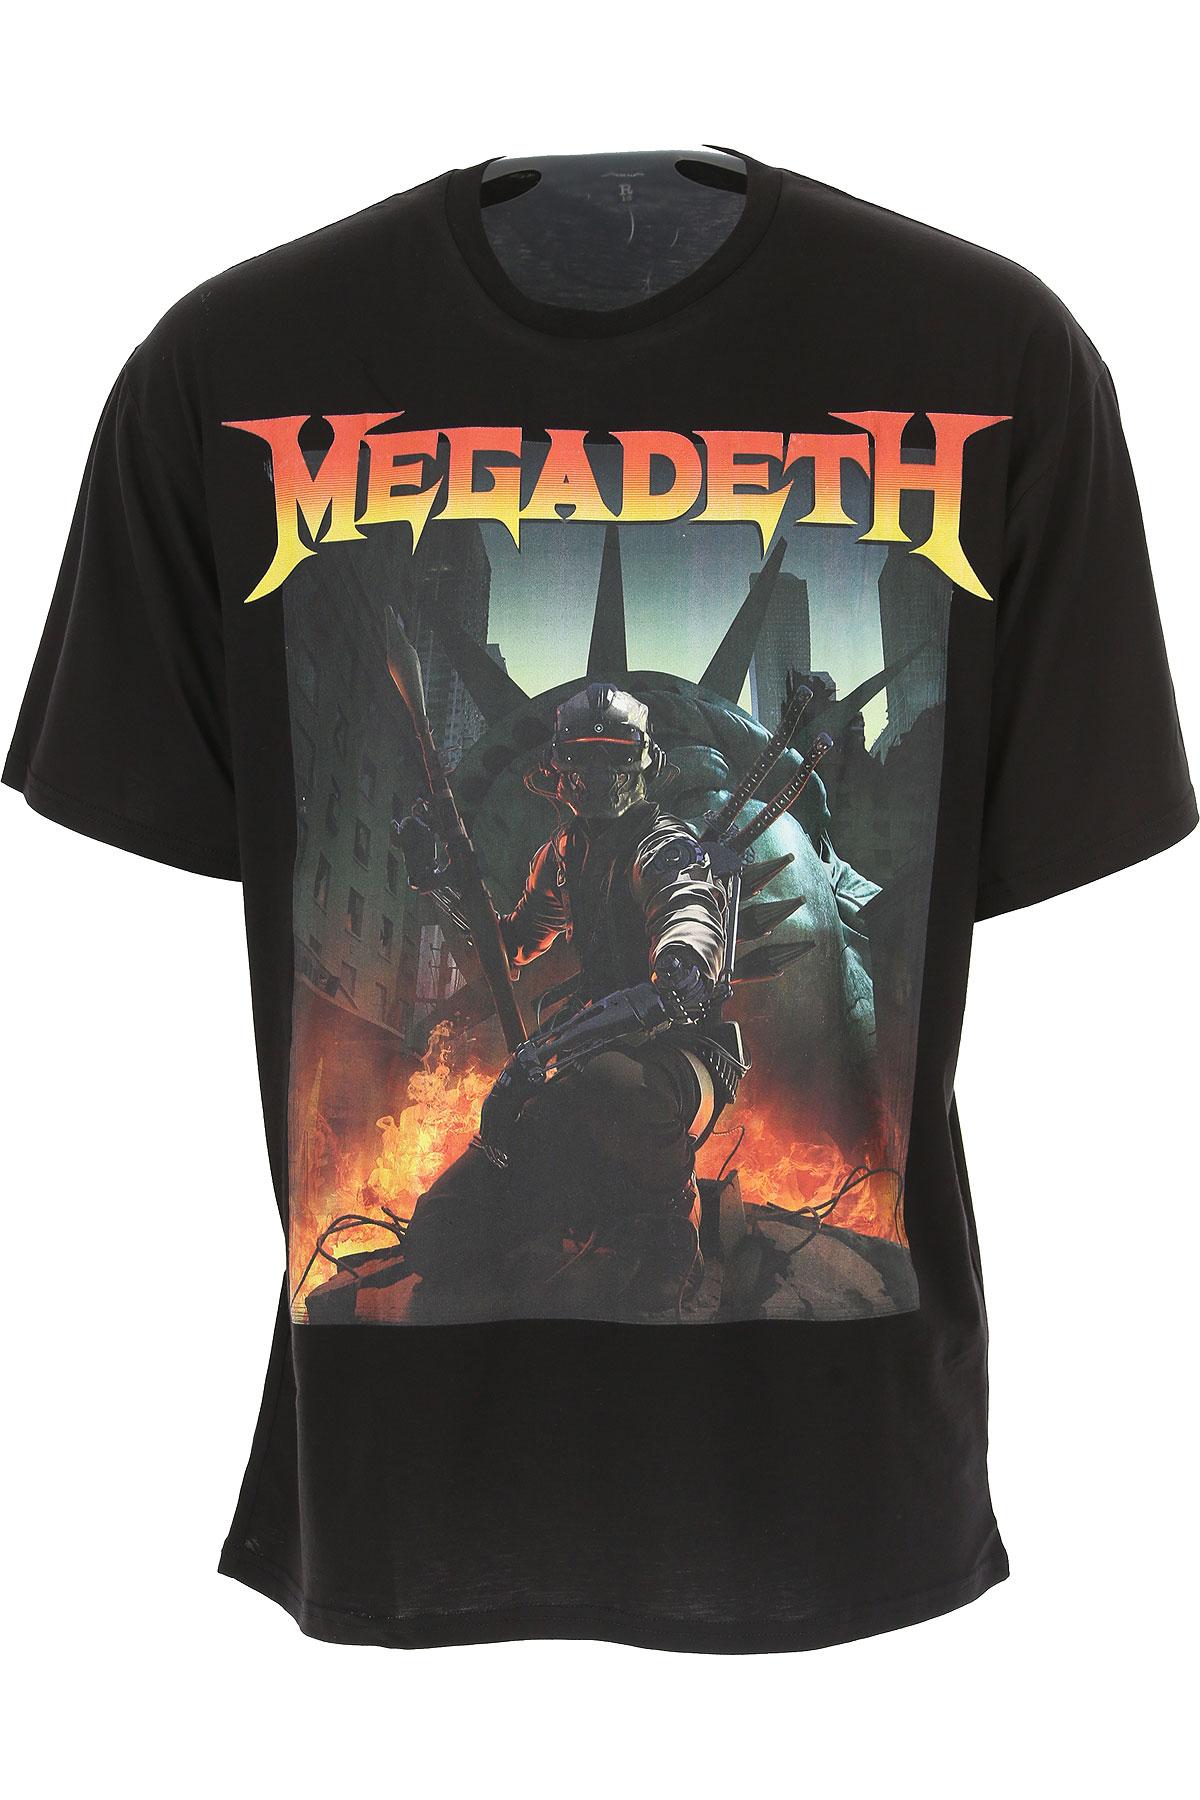 R13 T-Shirt for Men, Black, Cotton, 2017, L M XL